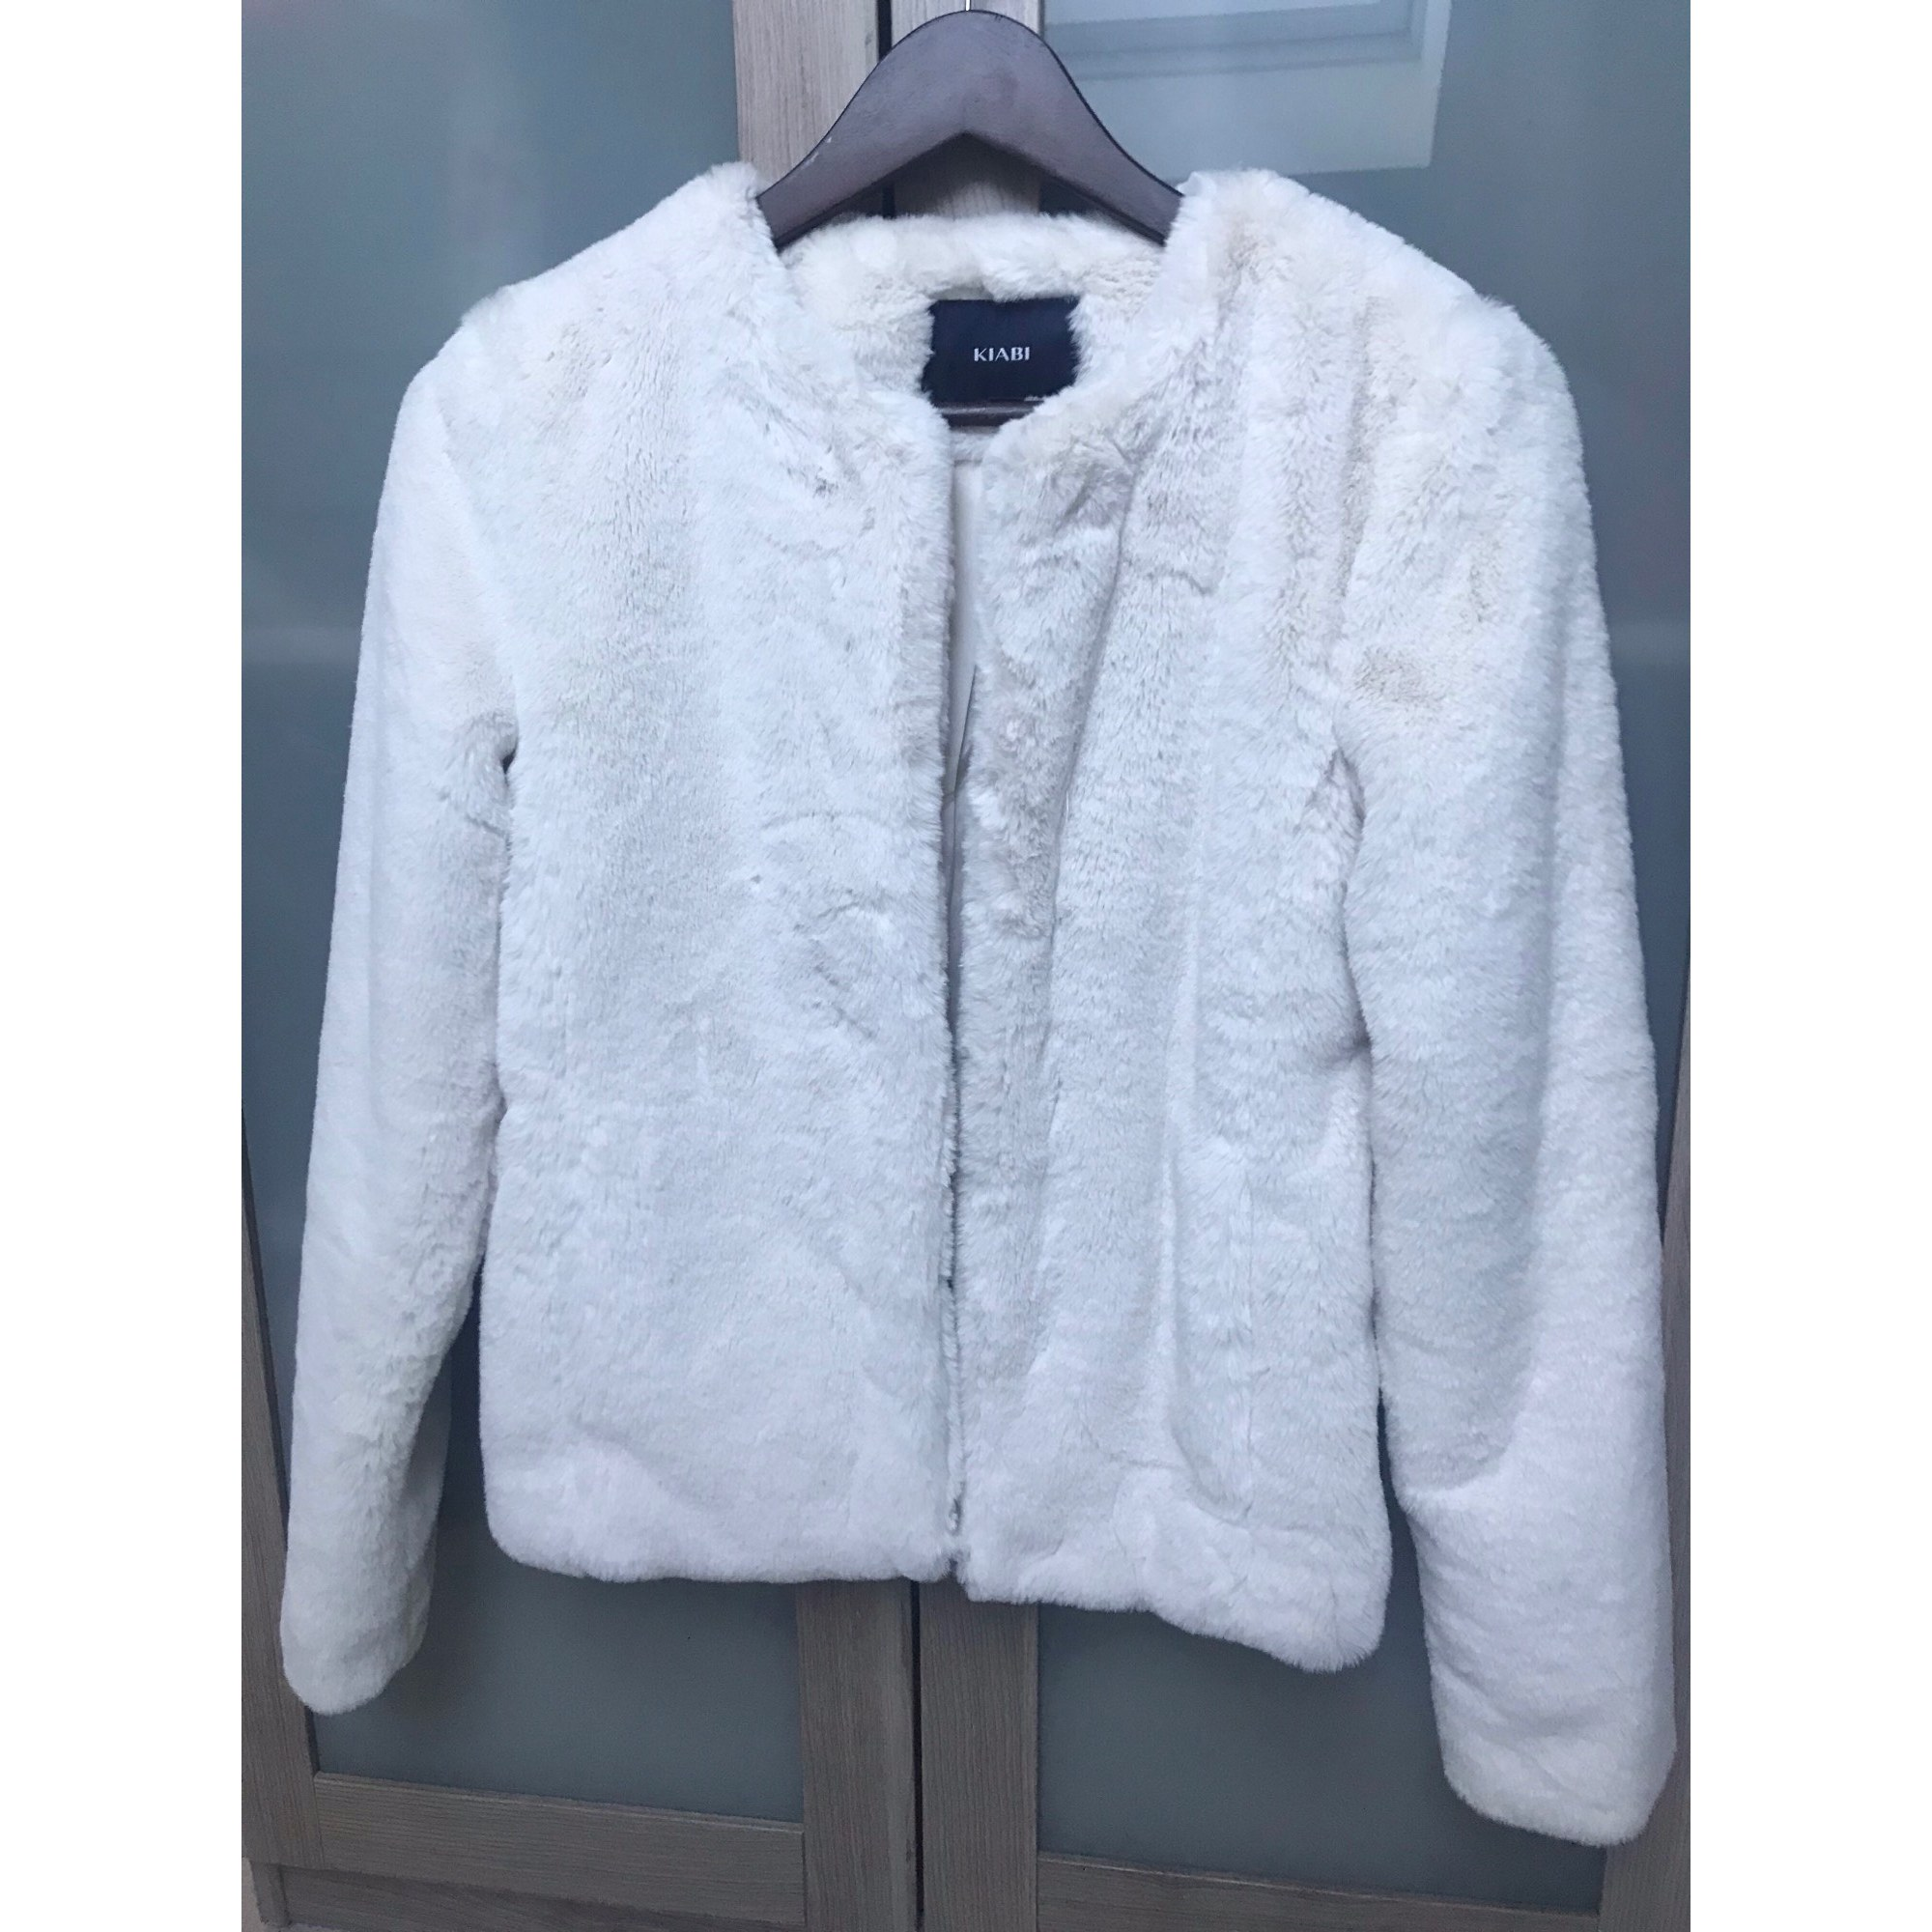 Blouson, veste en fourrure KIABI Blanc, blanc cassé, écru